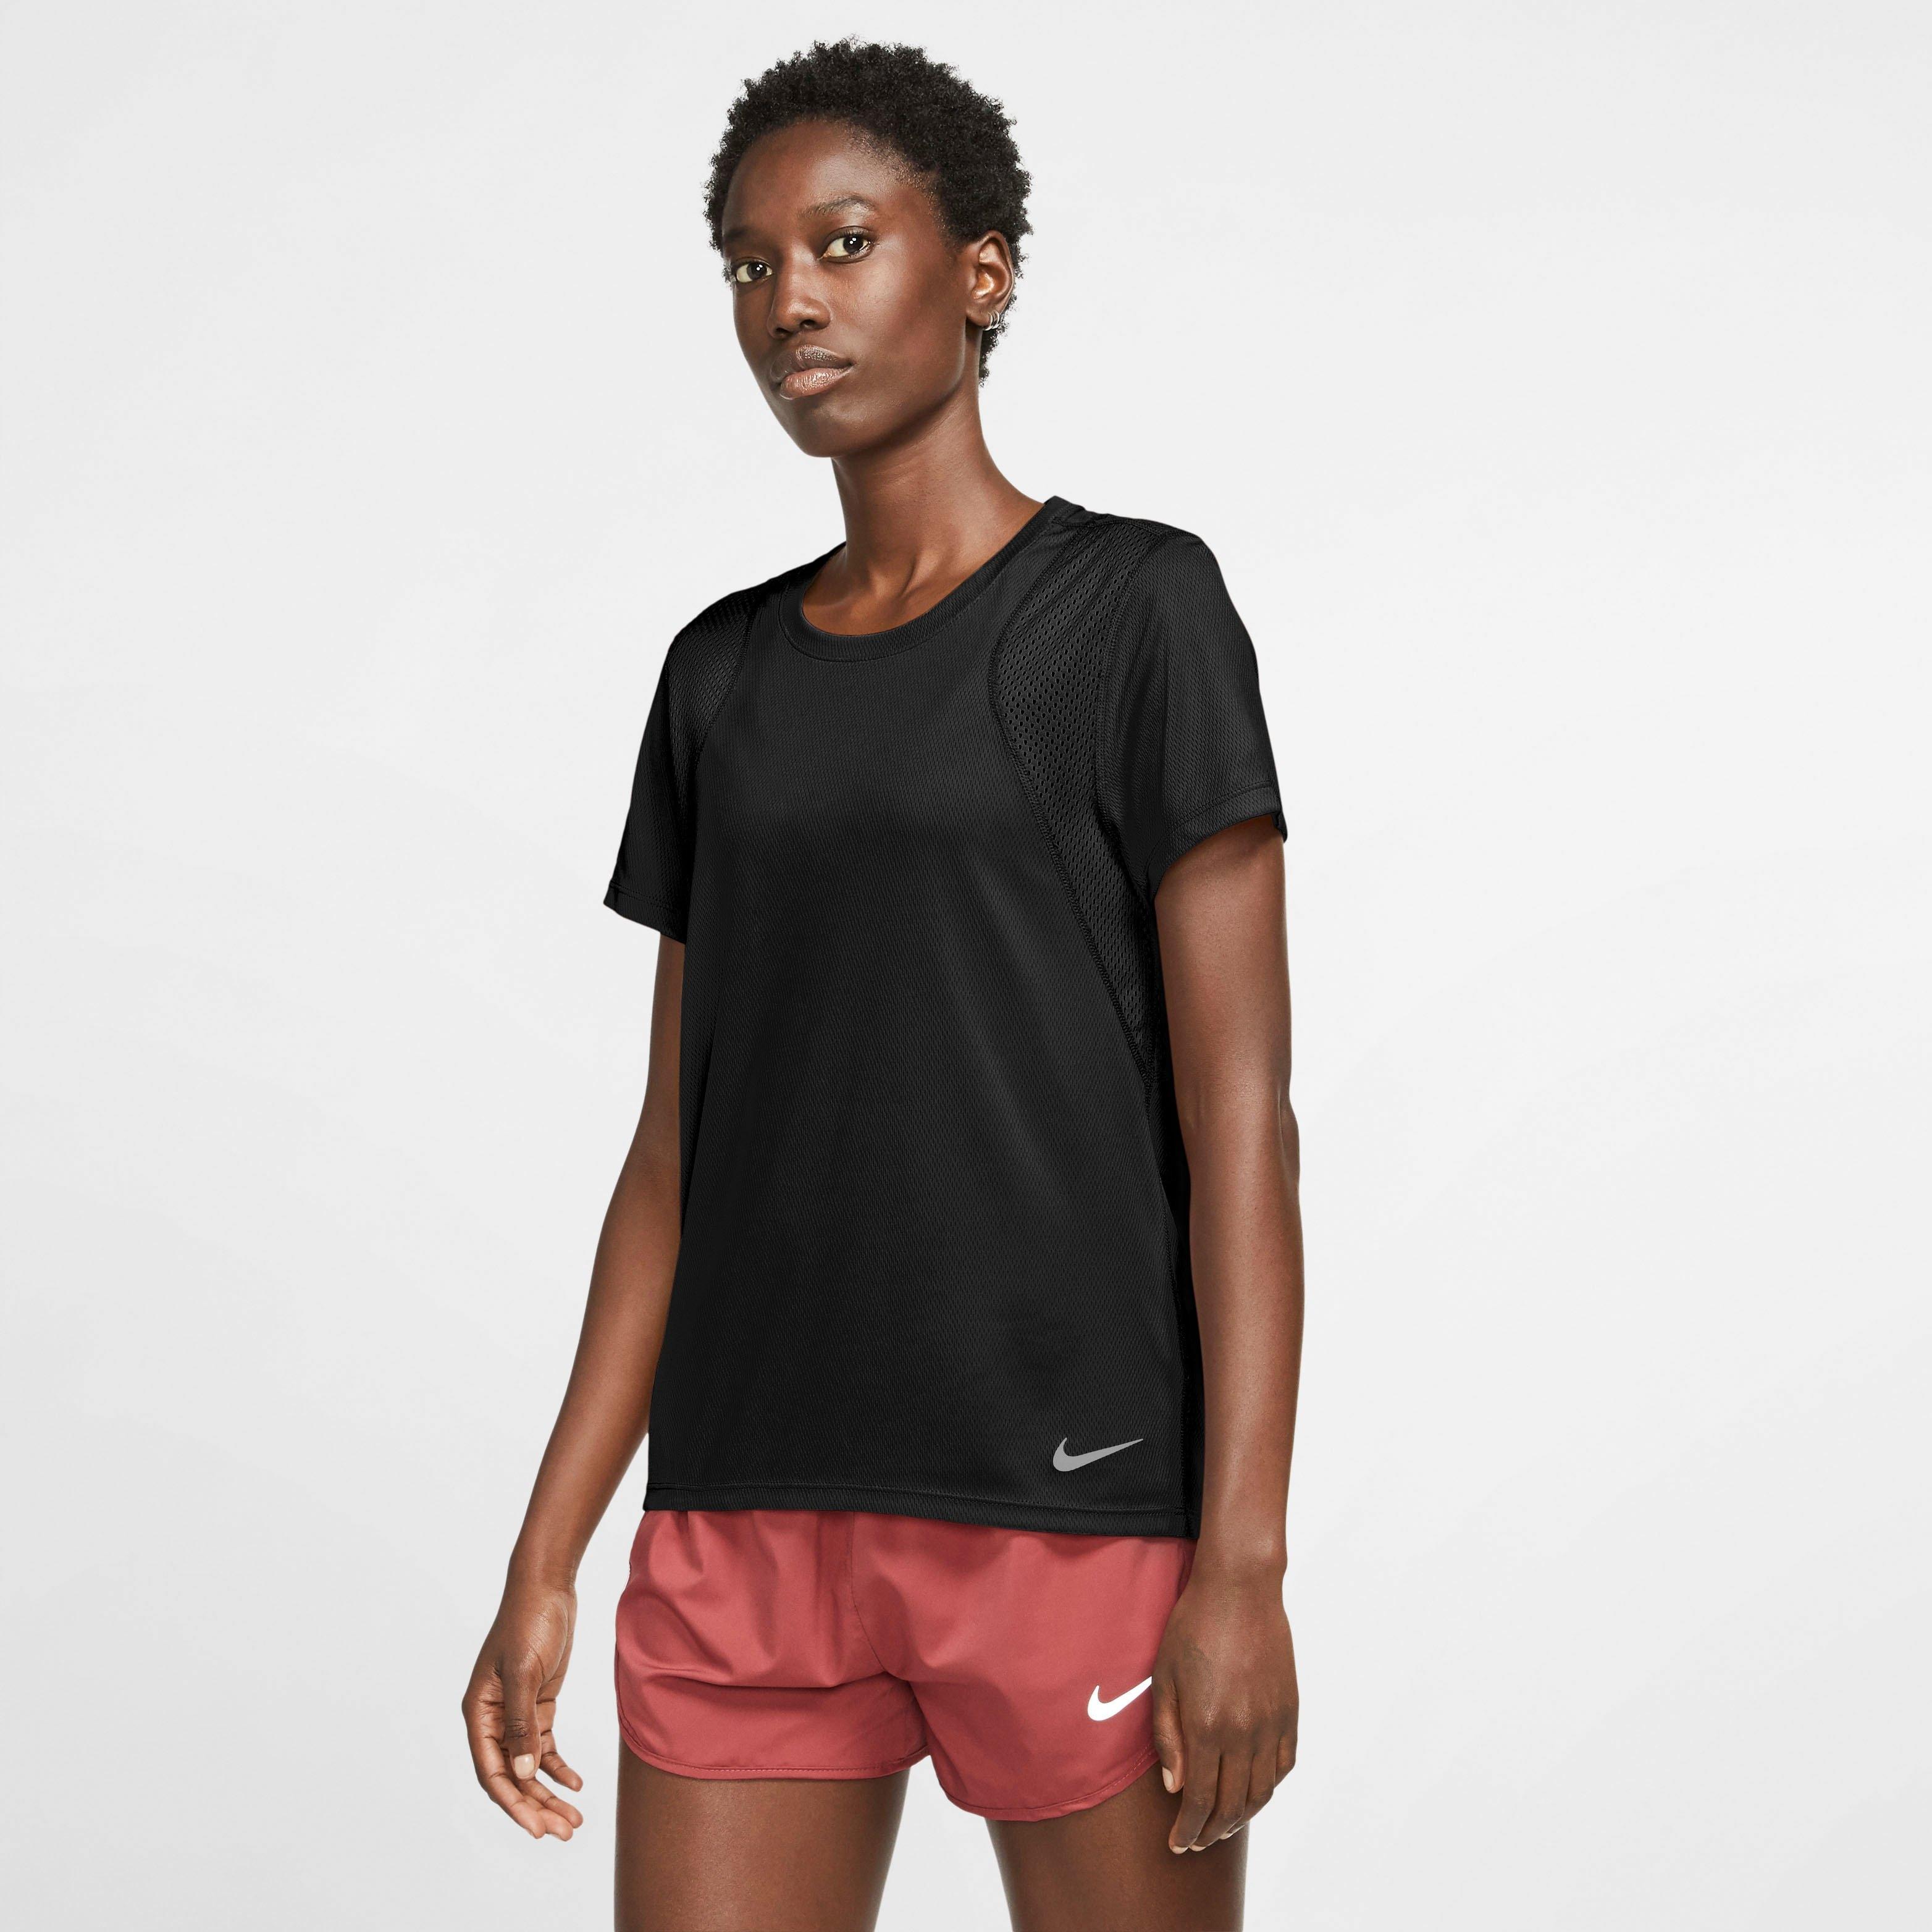 Nike runningshirt »Nike Run Women's Short-Sleeve Running Top« bestellen: 30 dagen bedenktijd